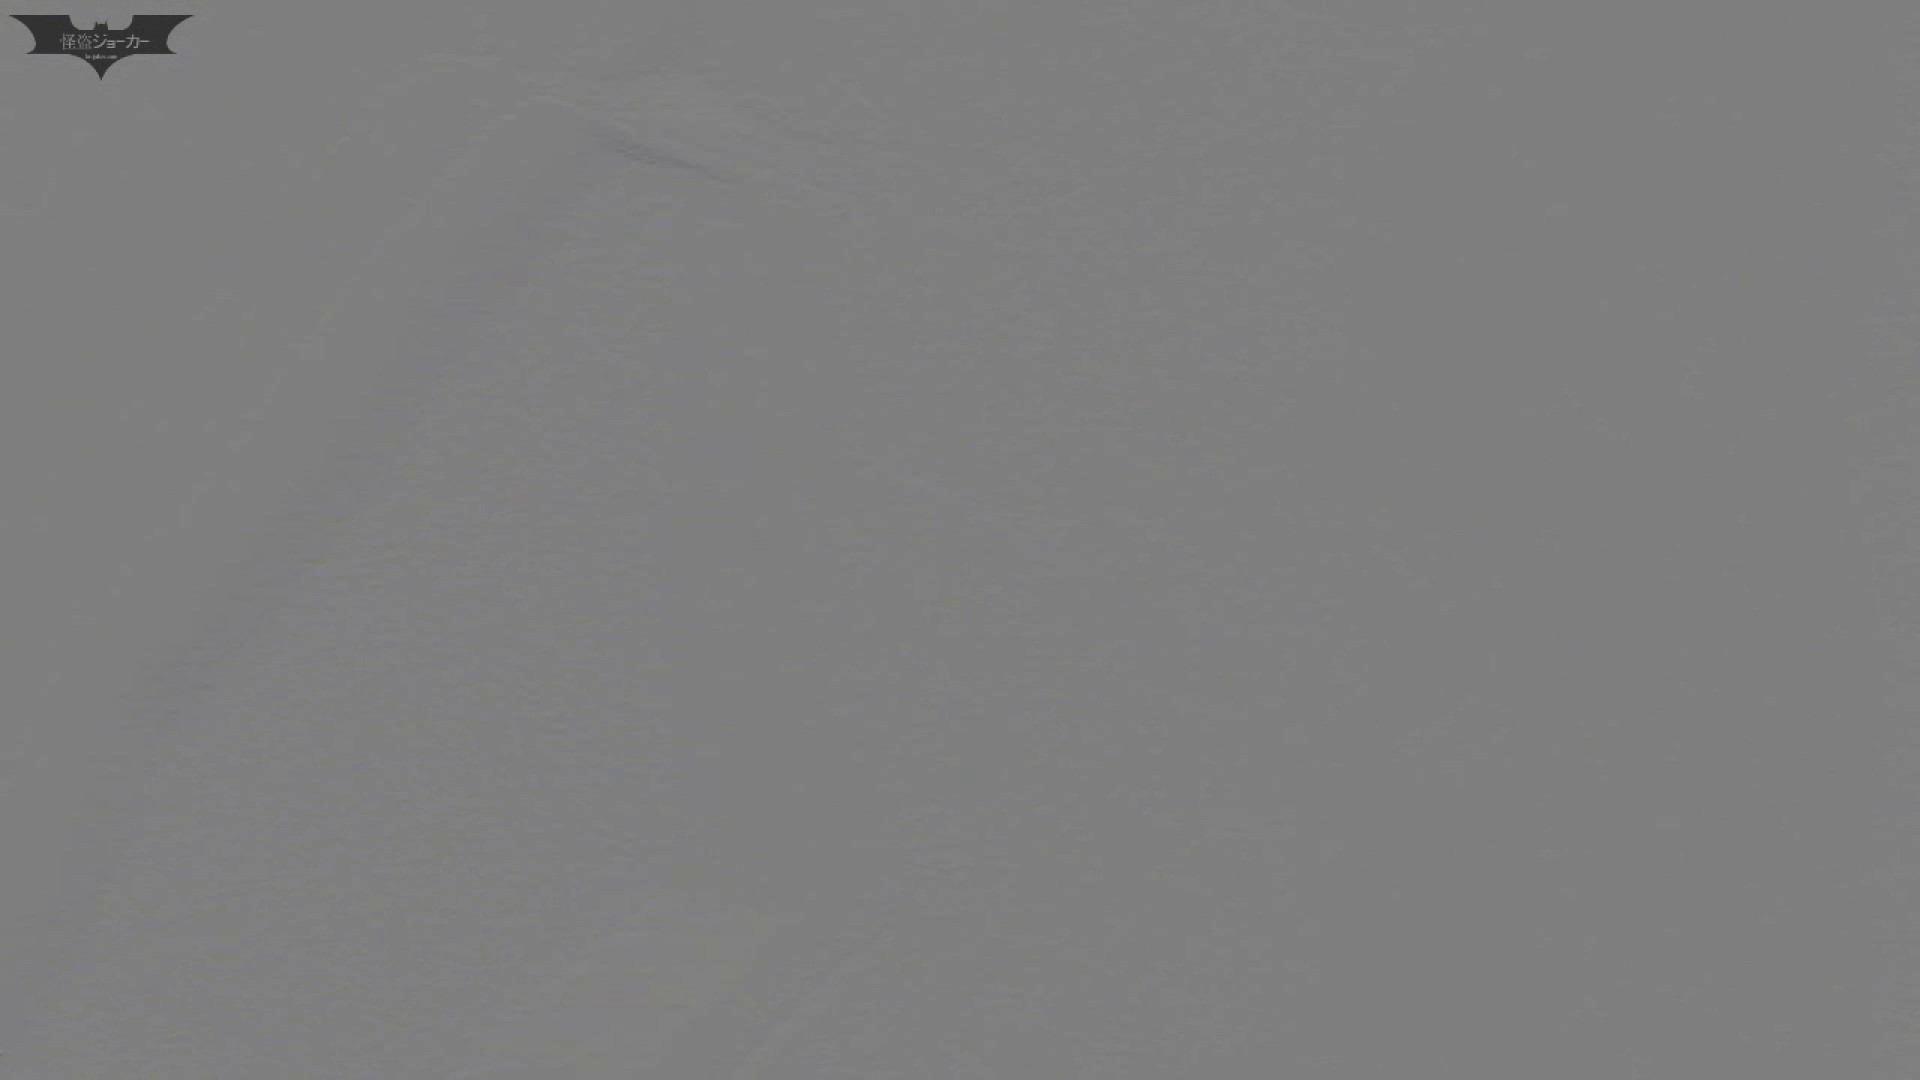 【期間・個数限定配信】 マンコ丸見え!第三体育館潜入撮File001 盛合せ  89PIX 34